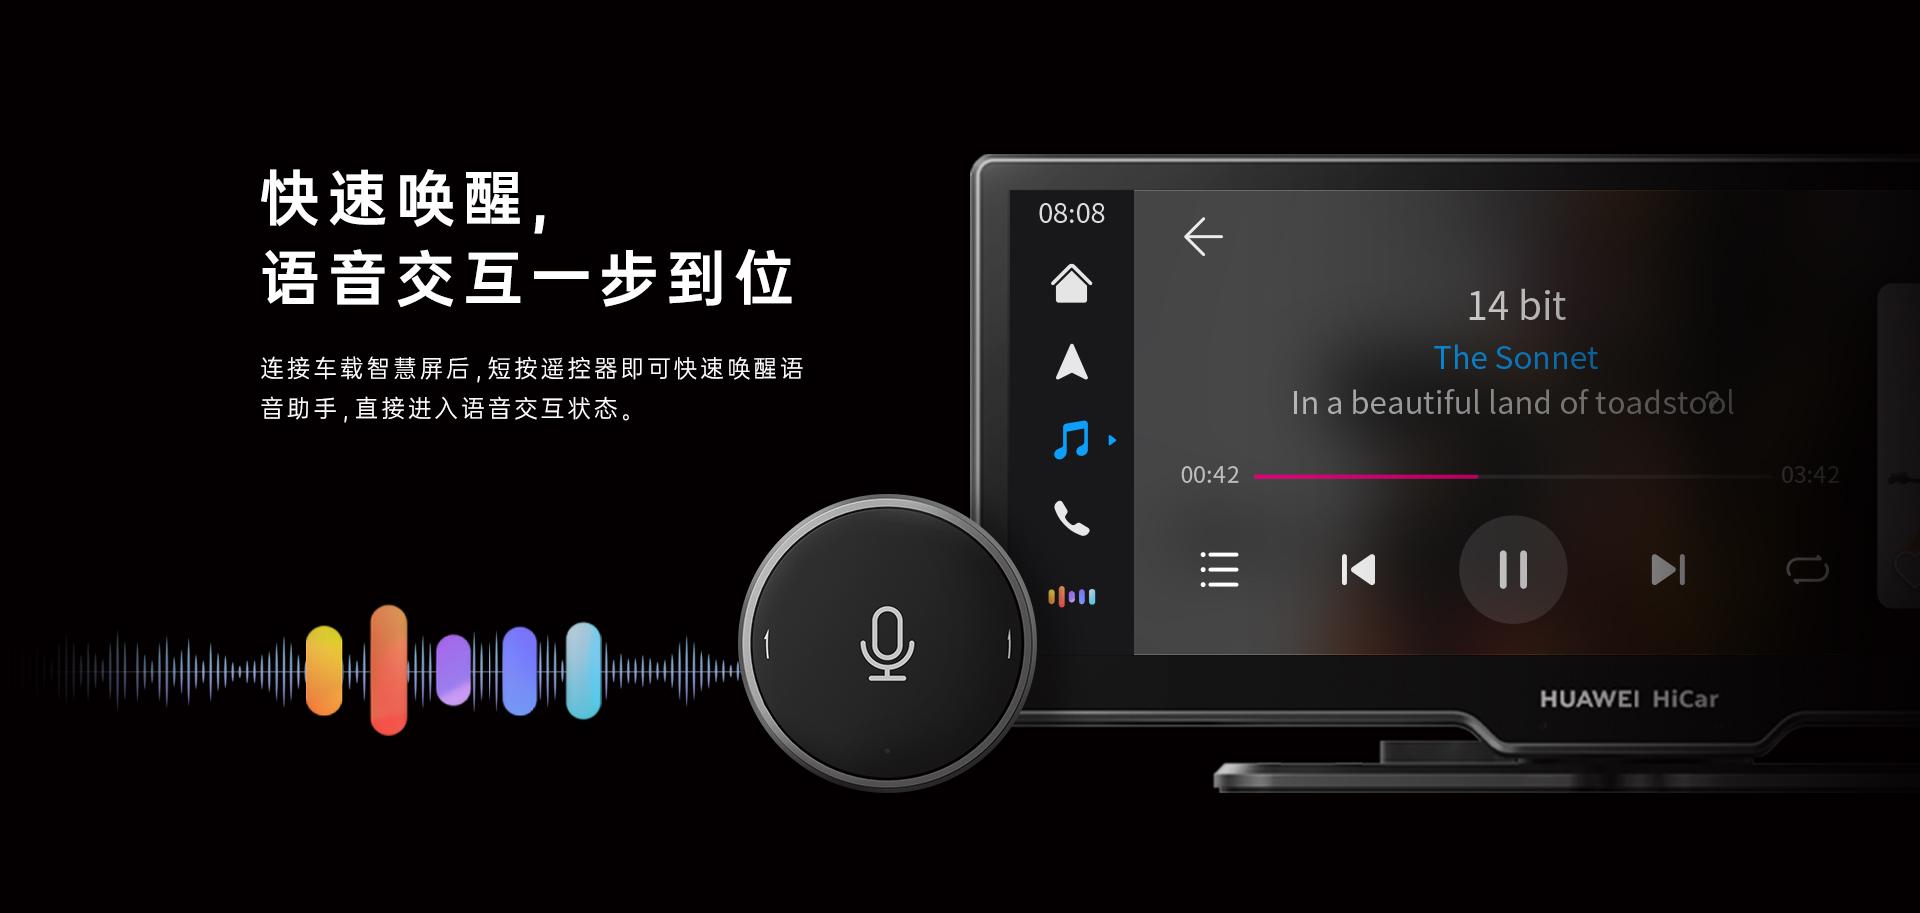 车载智慧屏专用蓝牙遥控器-04.jpg